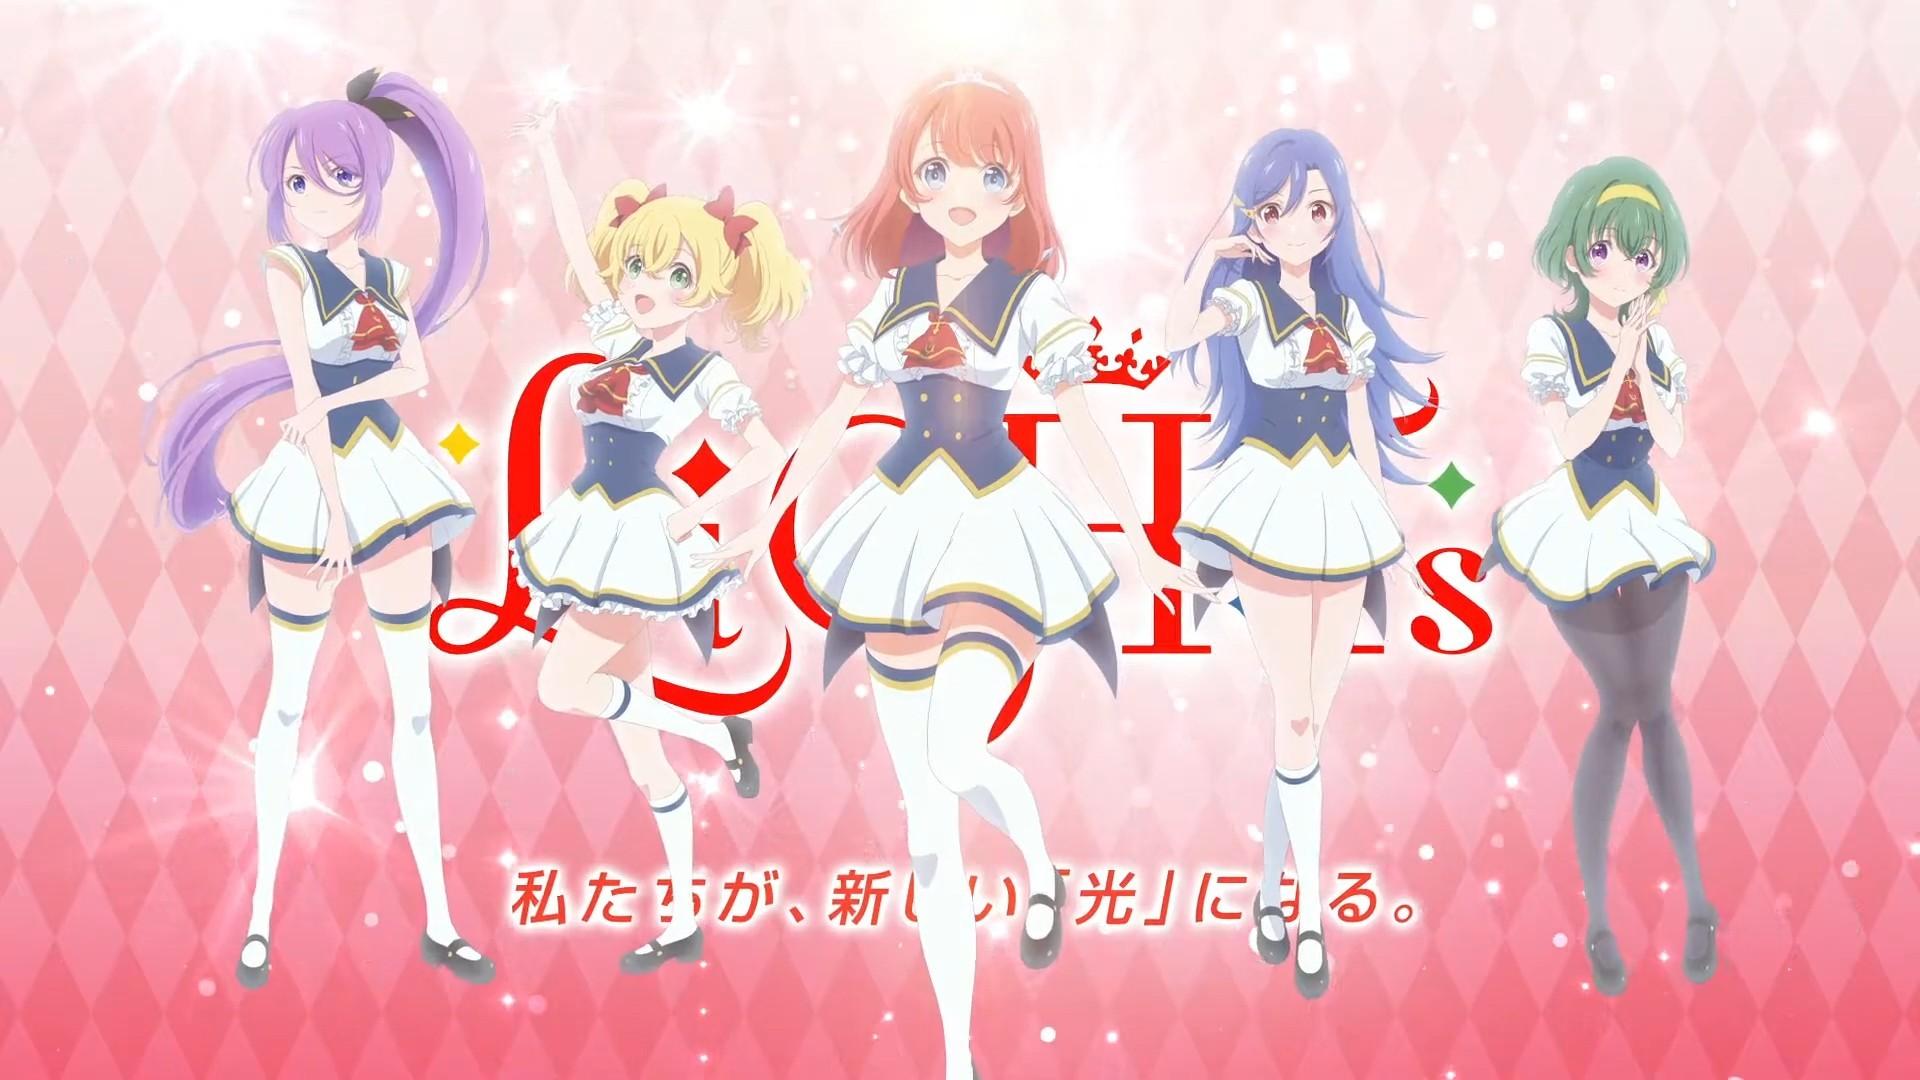 TV动画《宝石幻想 光芒重现》第三弹组合介绍PV公开- ACG17.COM